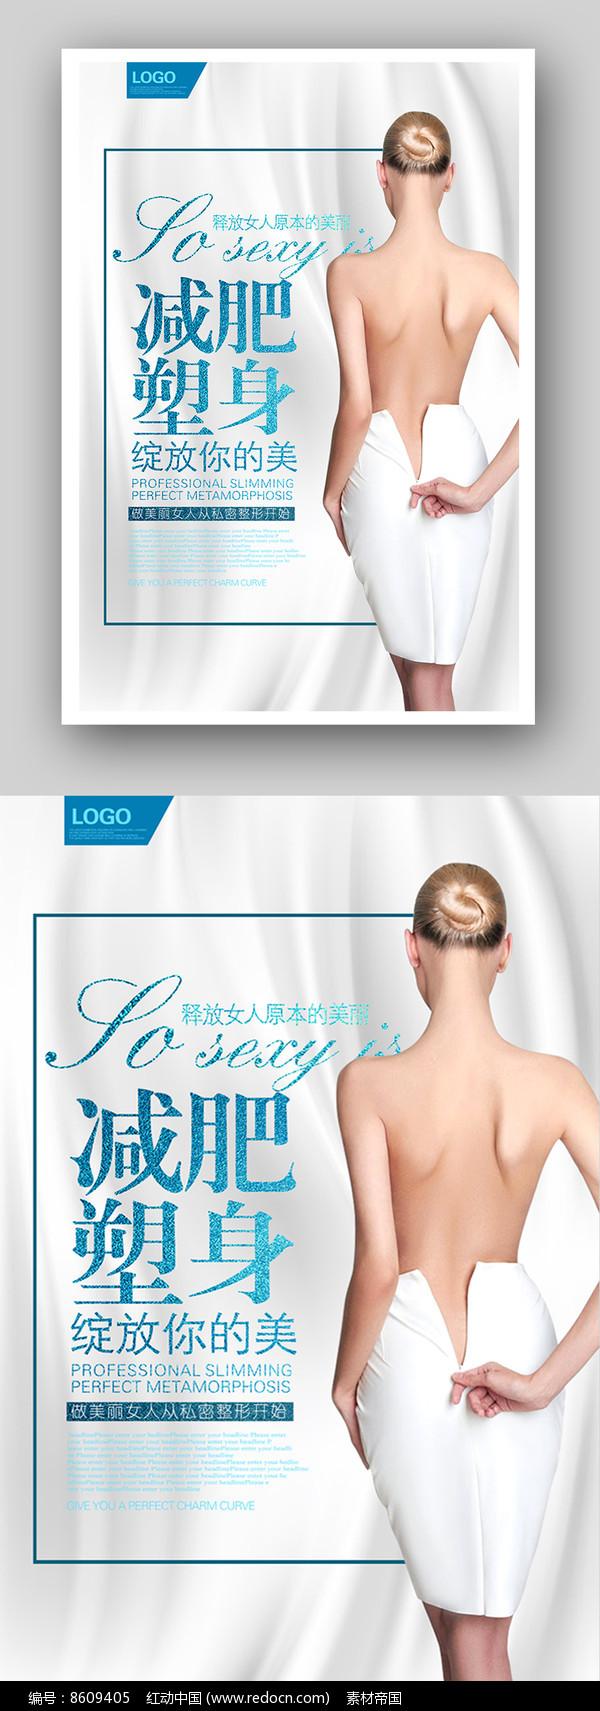 塑身减肥瘦身海报图片